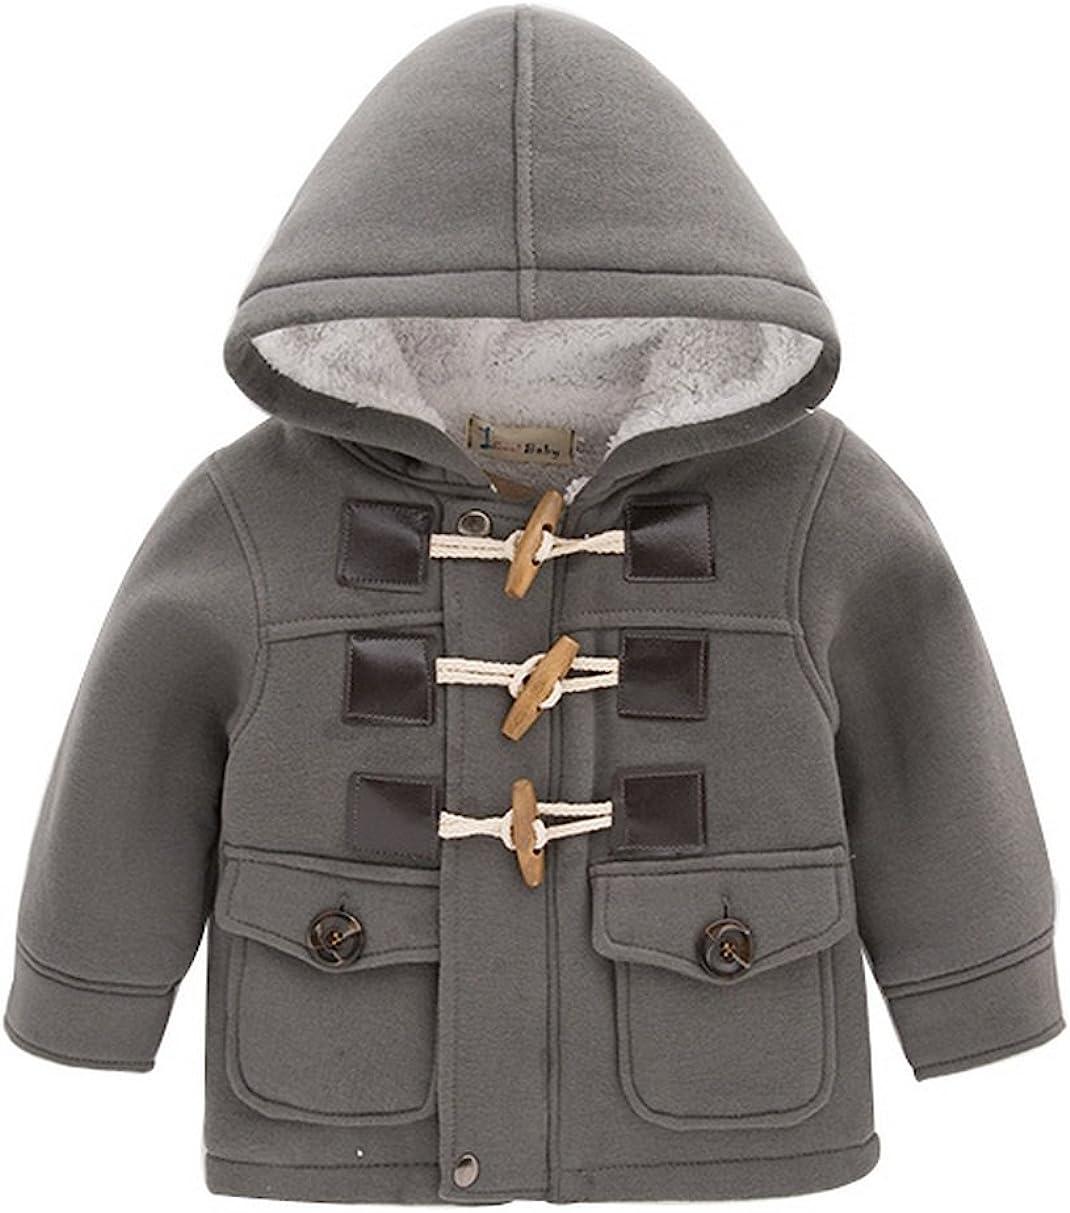 LadayPoa Fashion Winter Children Kids Max 59% half OFF Infant Outerwear Baby Boys